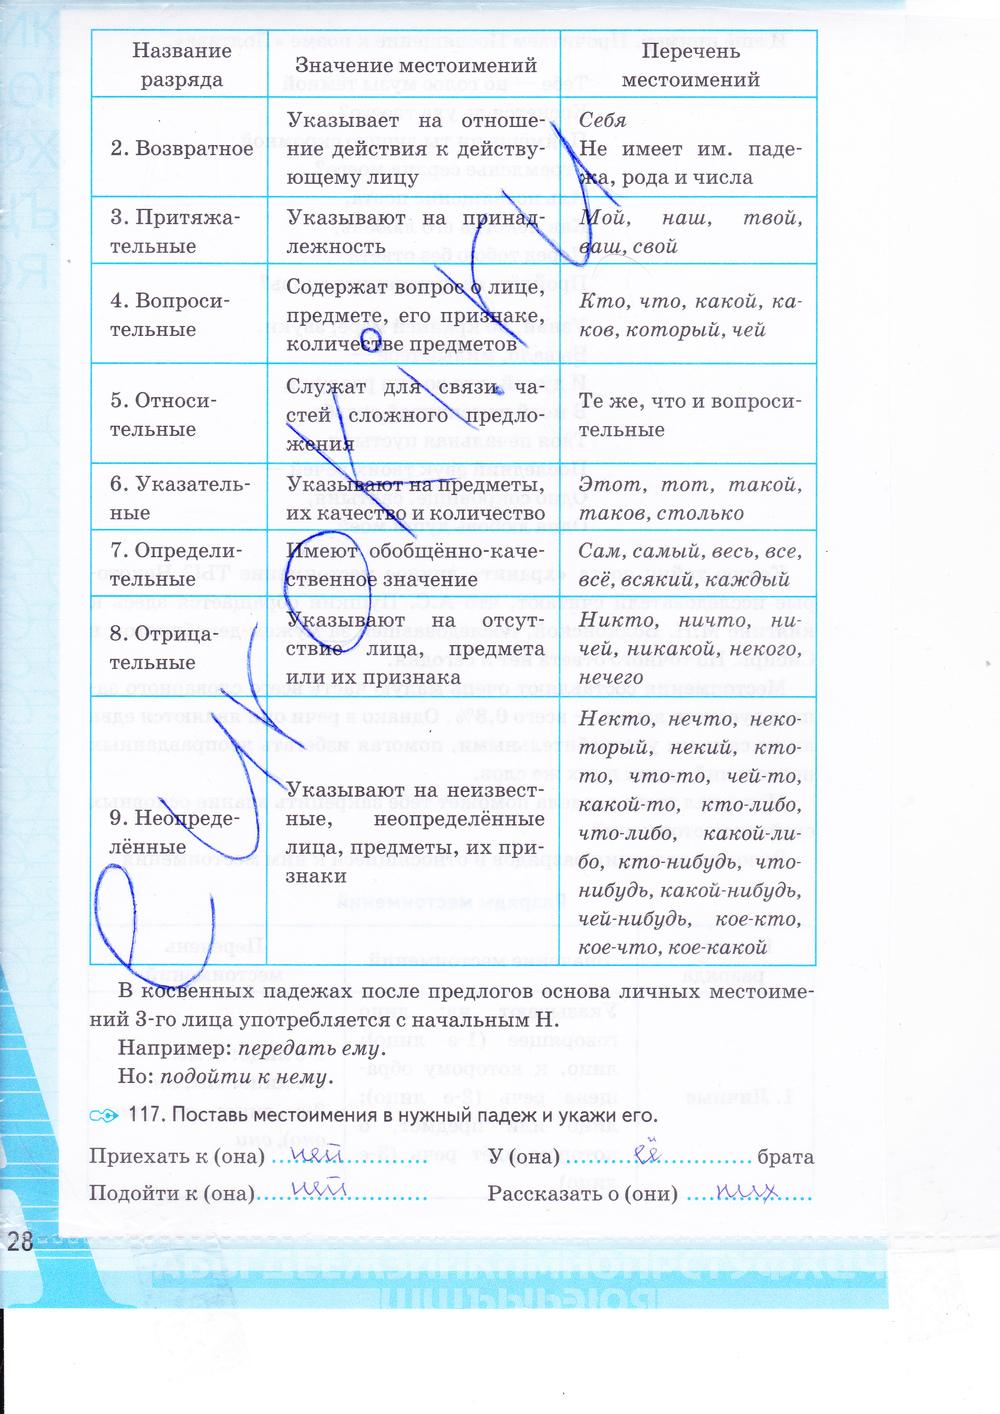 Гдз По Русскому 6 Класс Рабочая Тетрадь Баранова Ладыженской Тростенцов